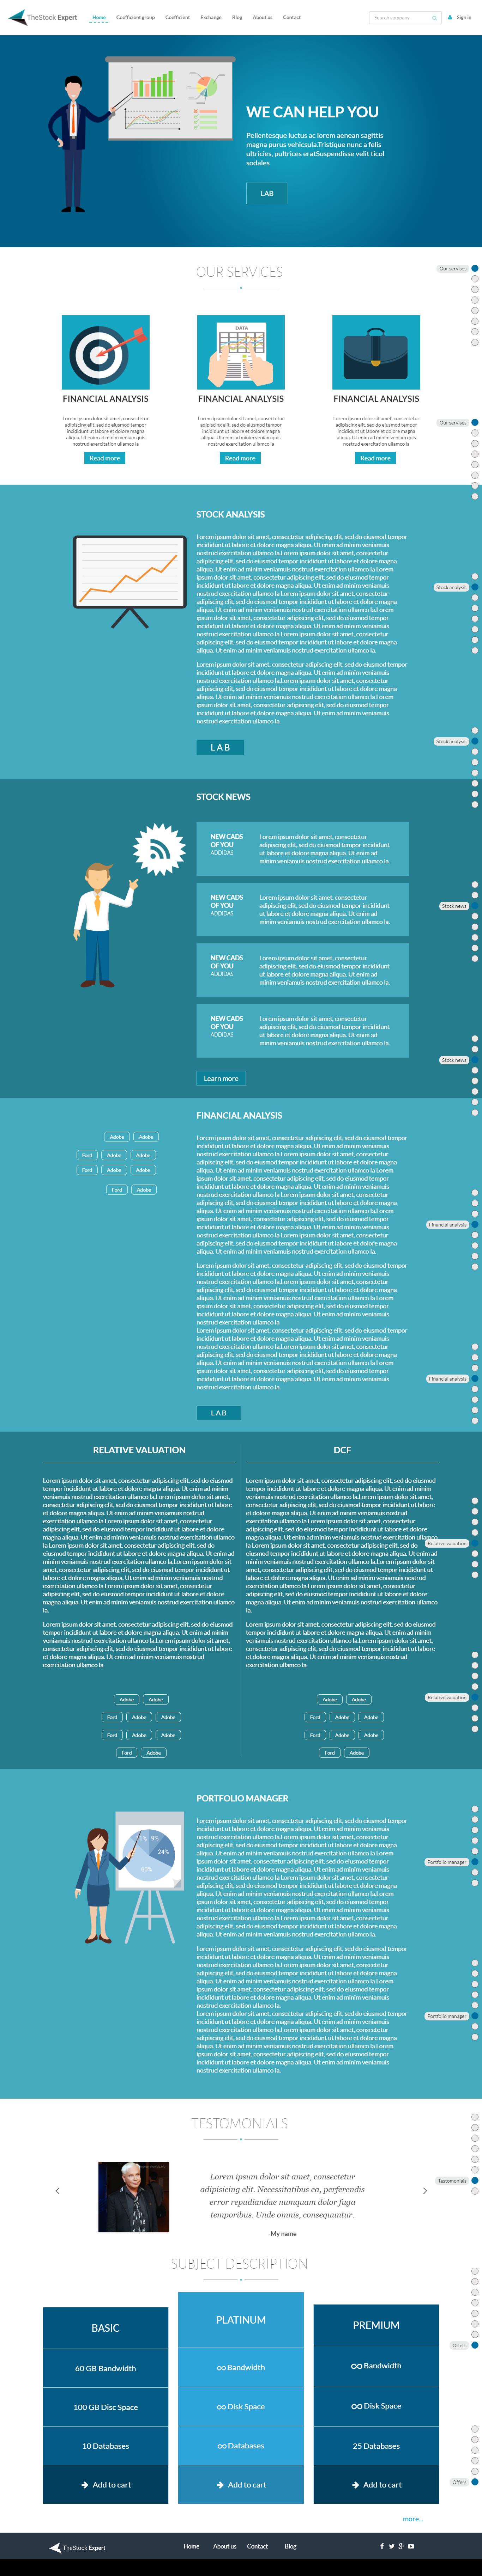 главная страница, верстка, верстка финансового проекта, редстод, redstode, redstone